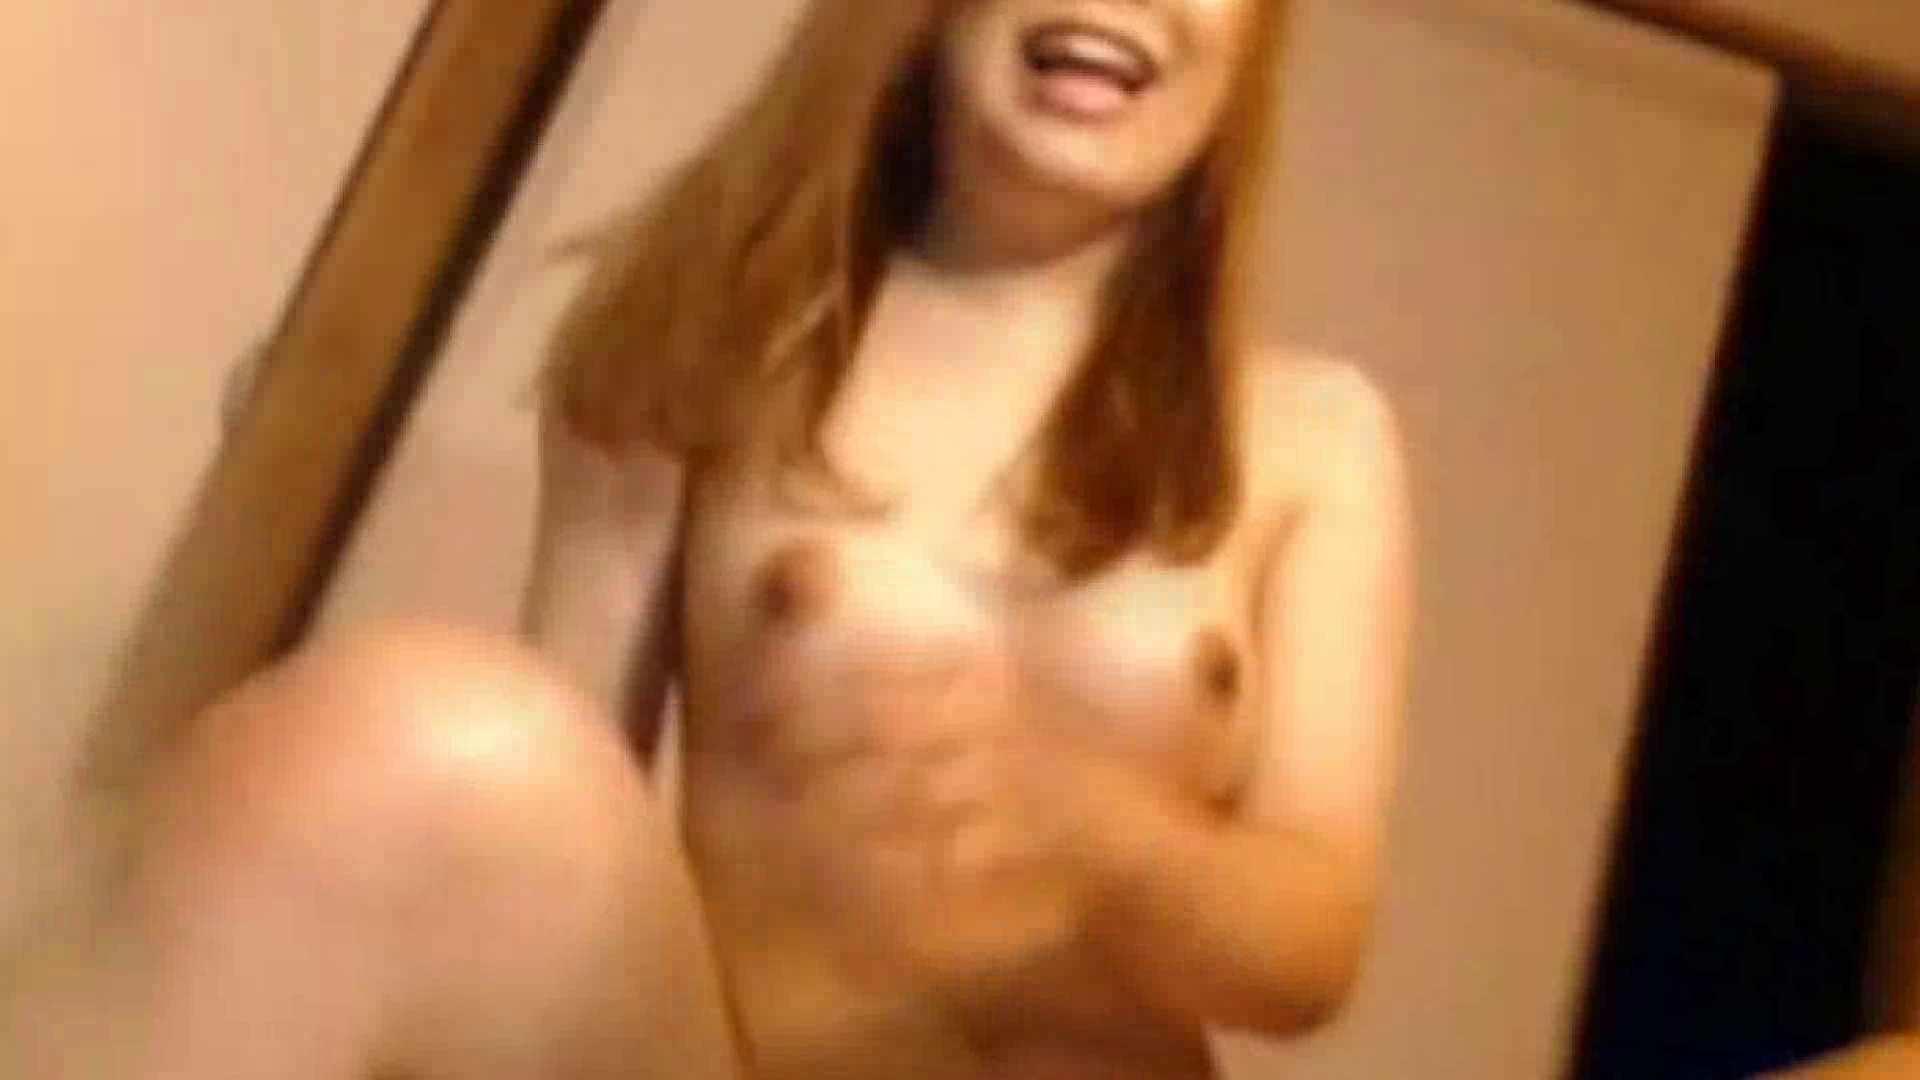 素人ギャル女良のハメ撮り!生チャット!Vol.15前編 ギャルのエロ動画 オメコ無修正動画無料 104pic 51